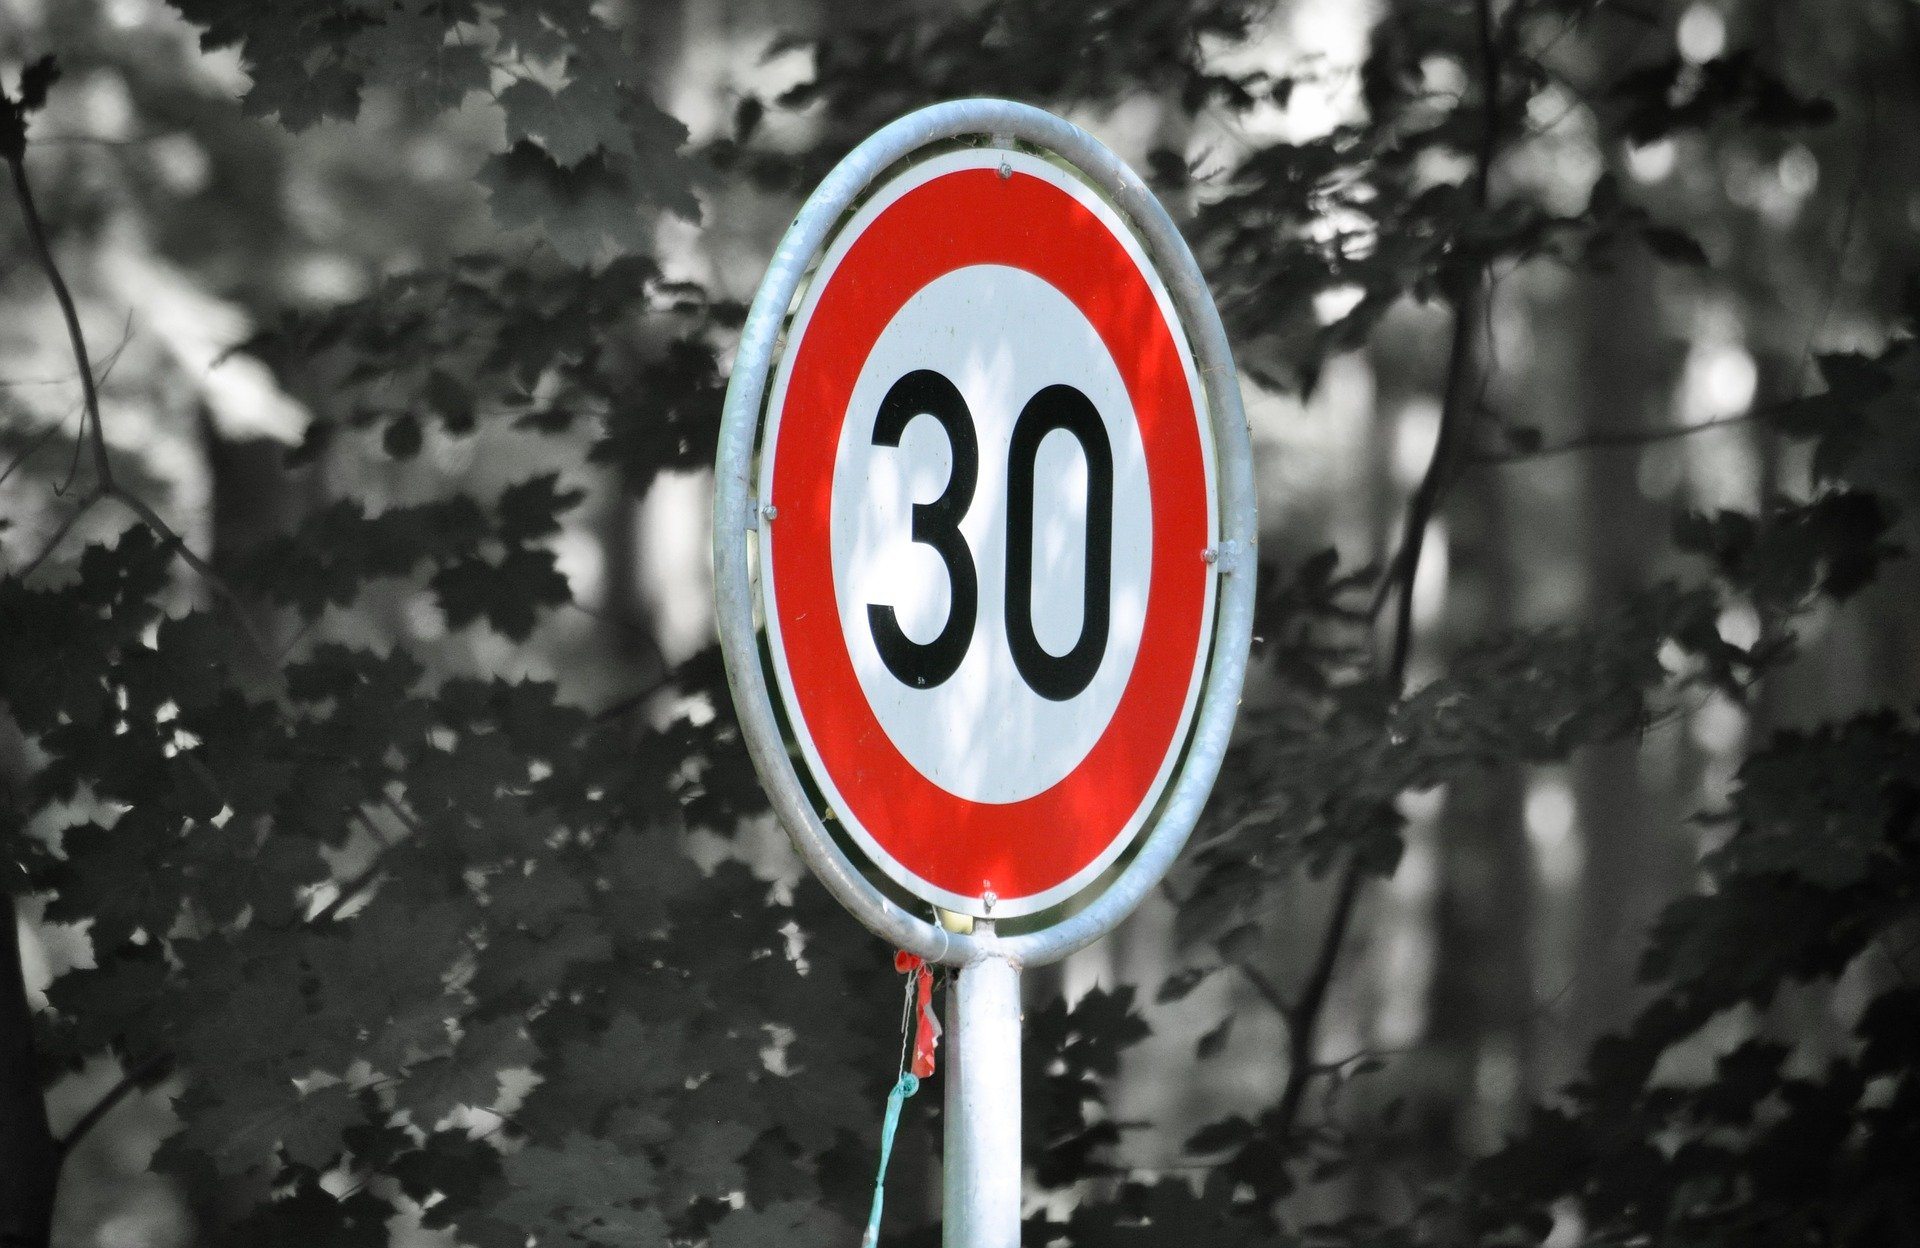 ГИБДД поддержала снижение скорости в городах России до 30 км/ч